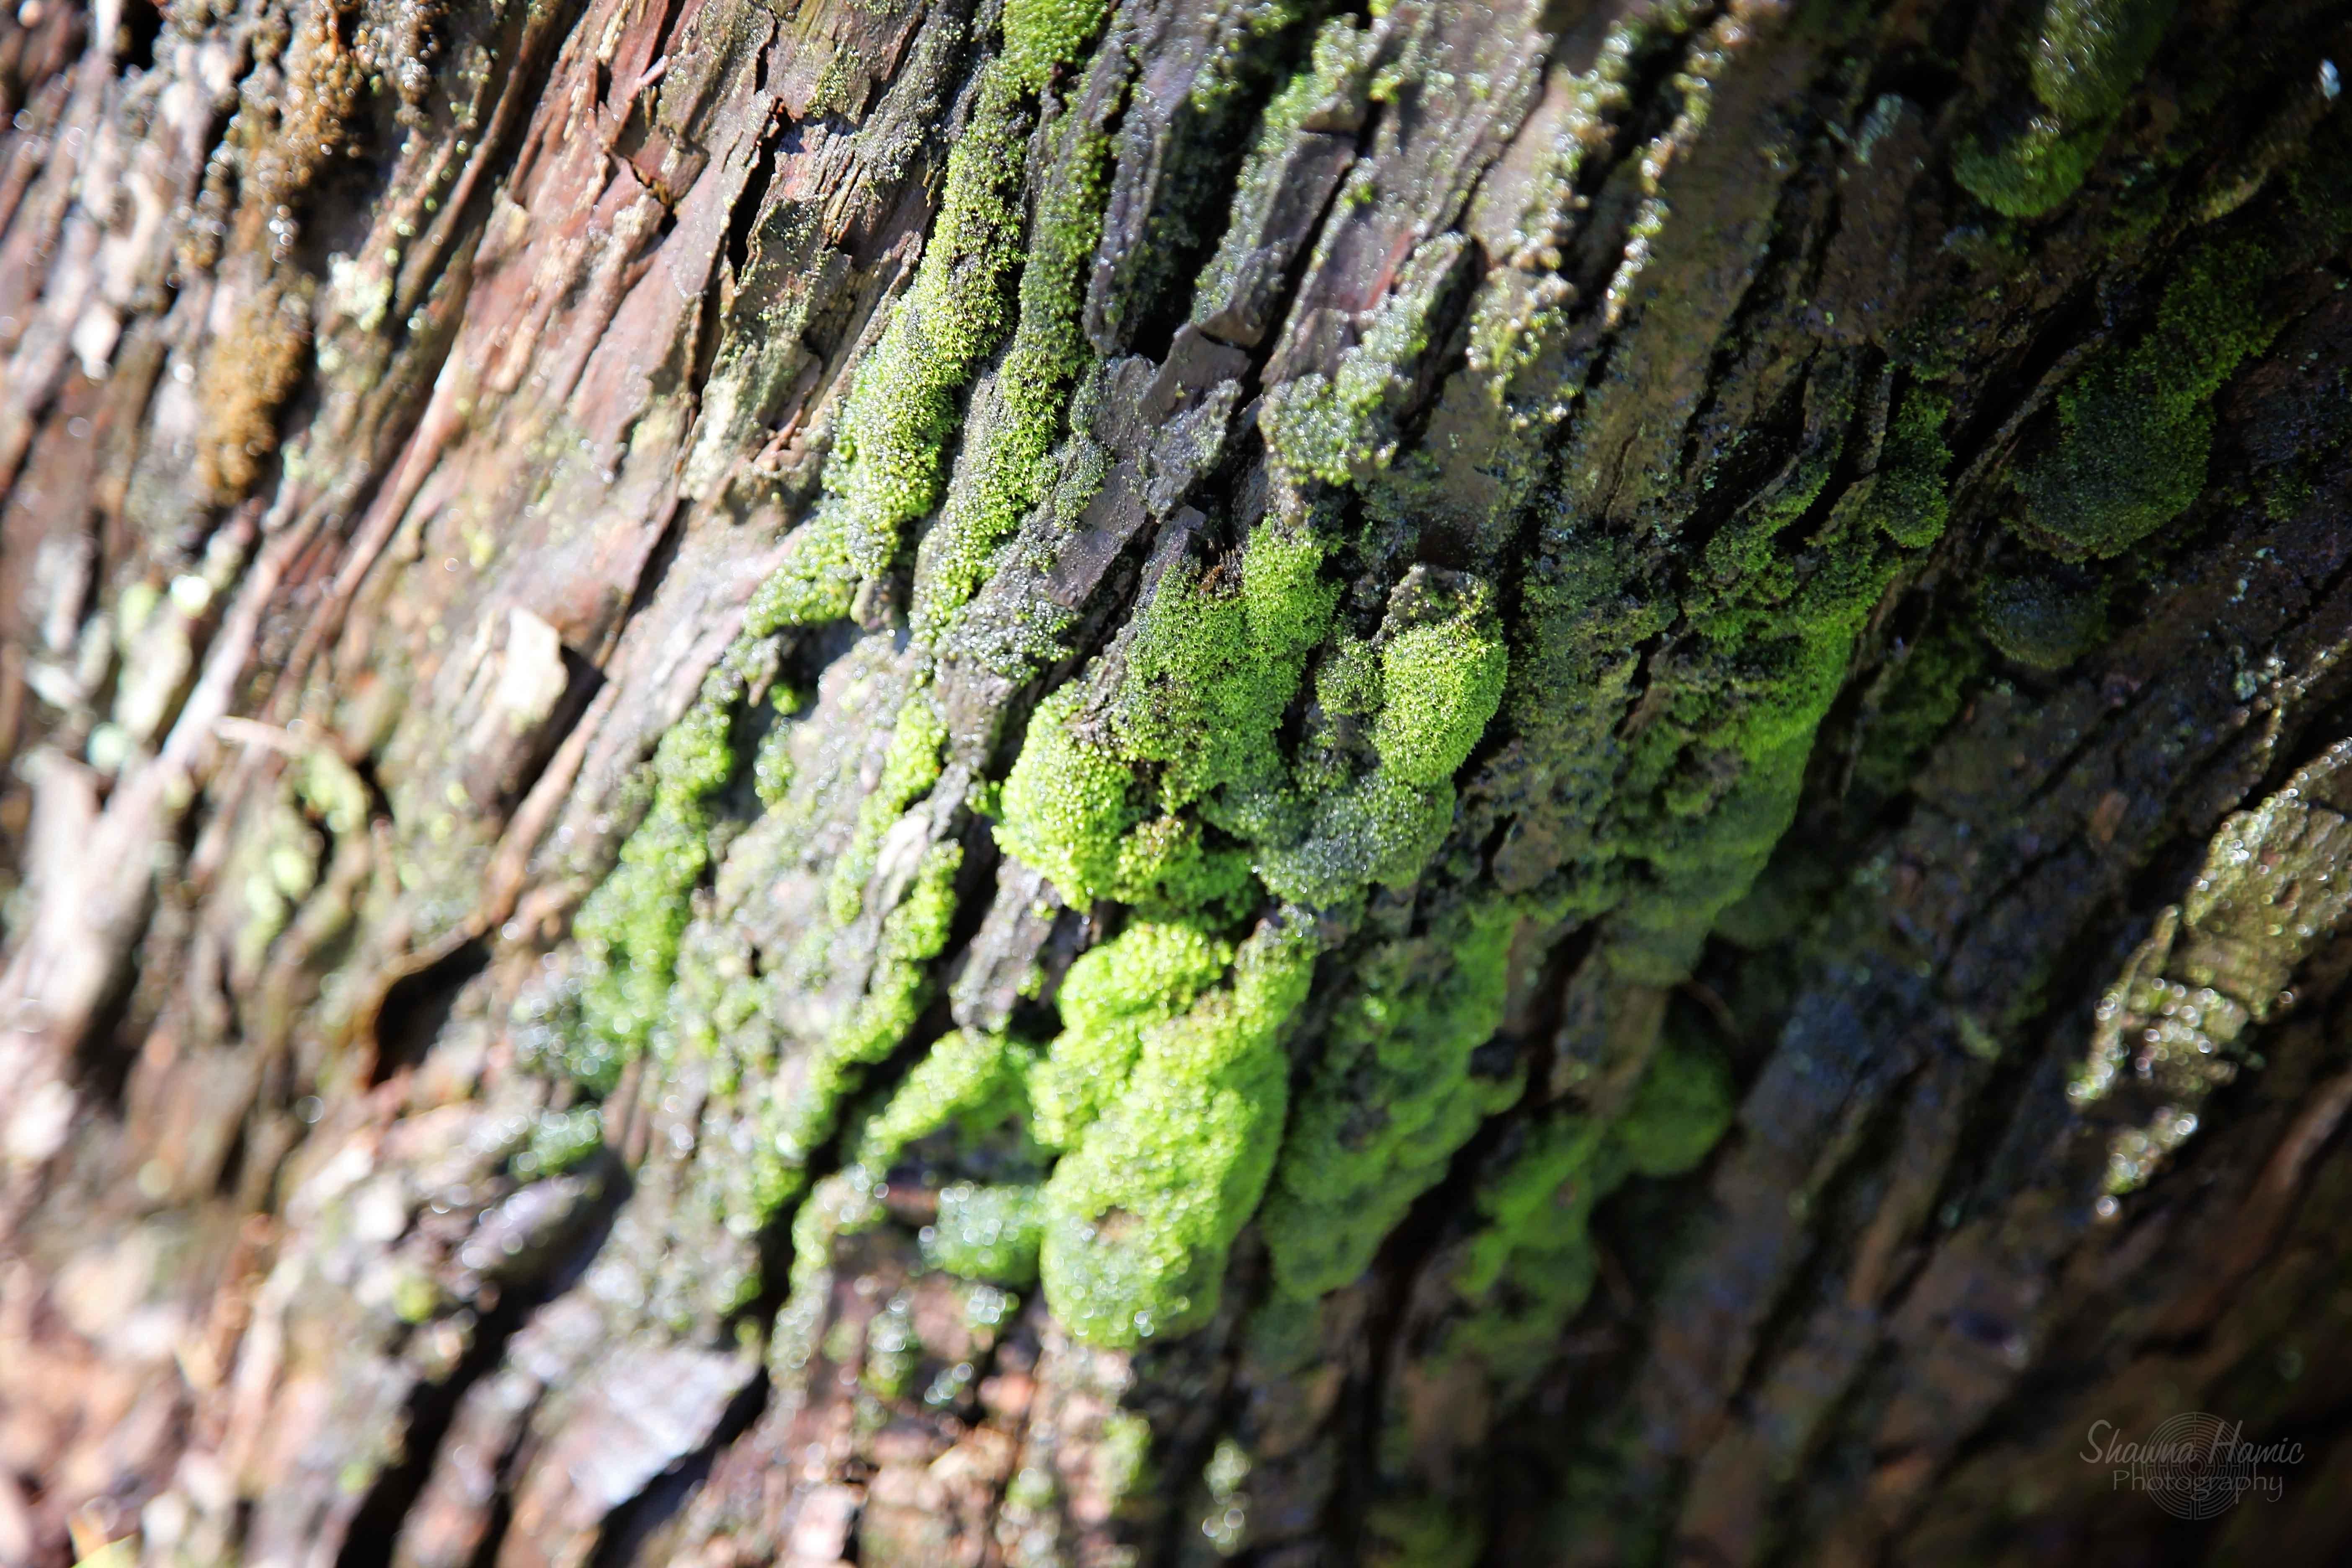 Muir Moss